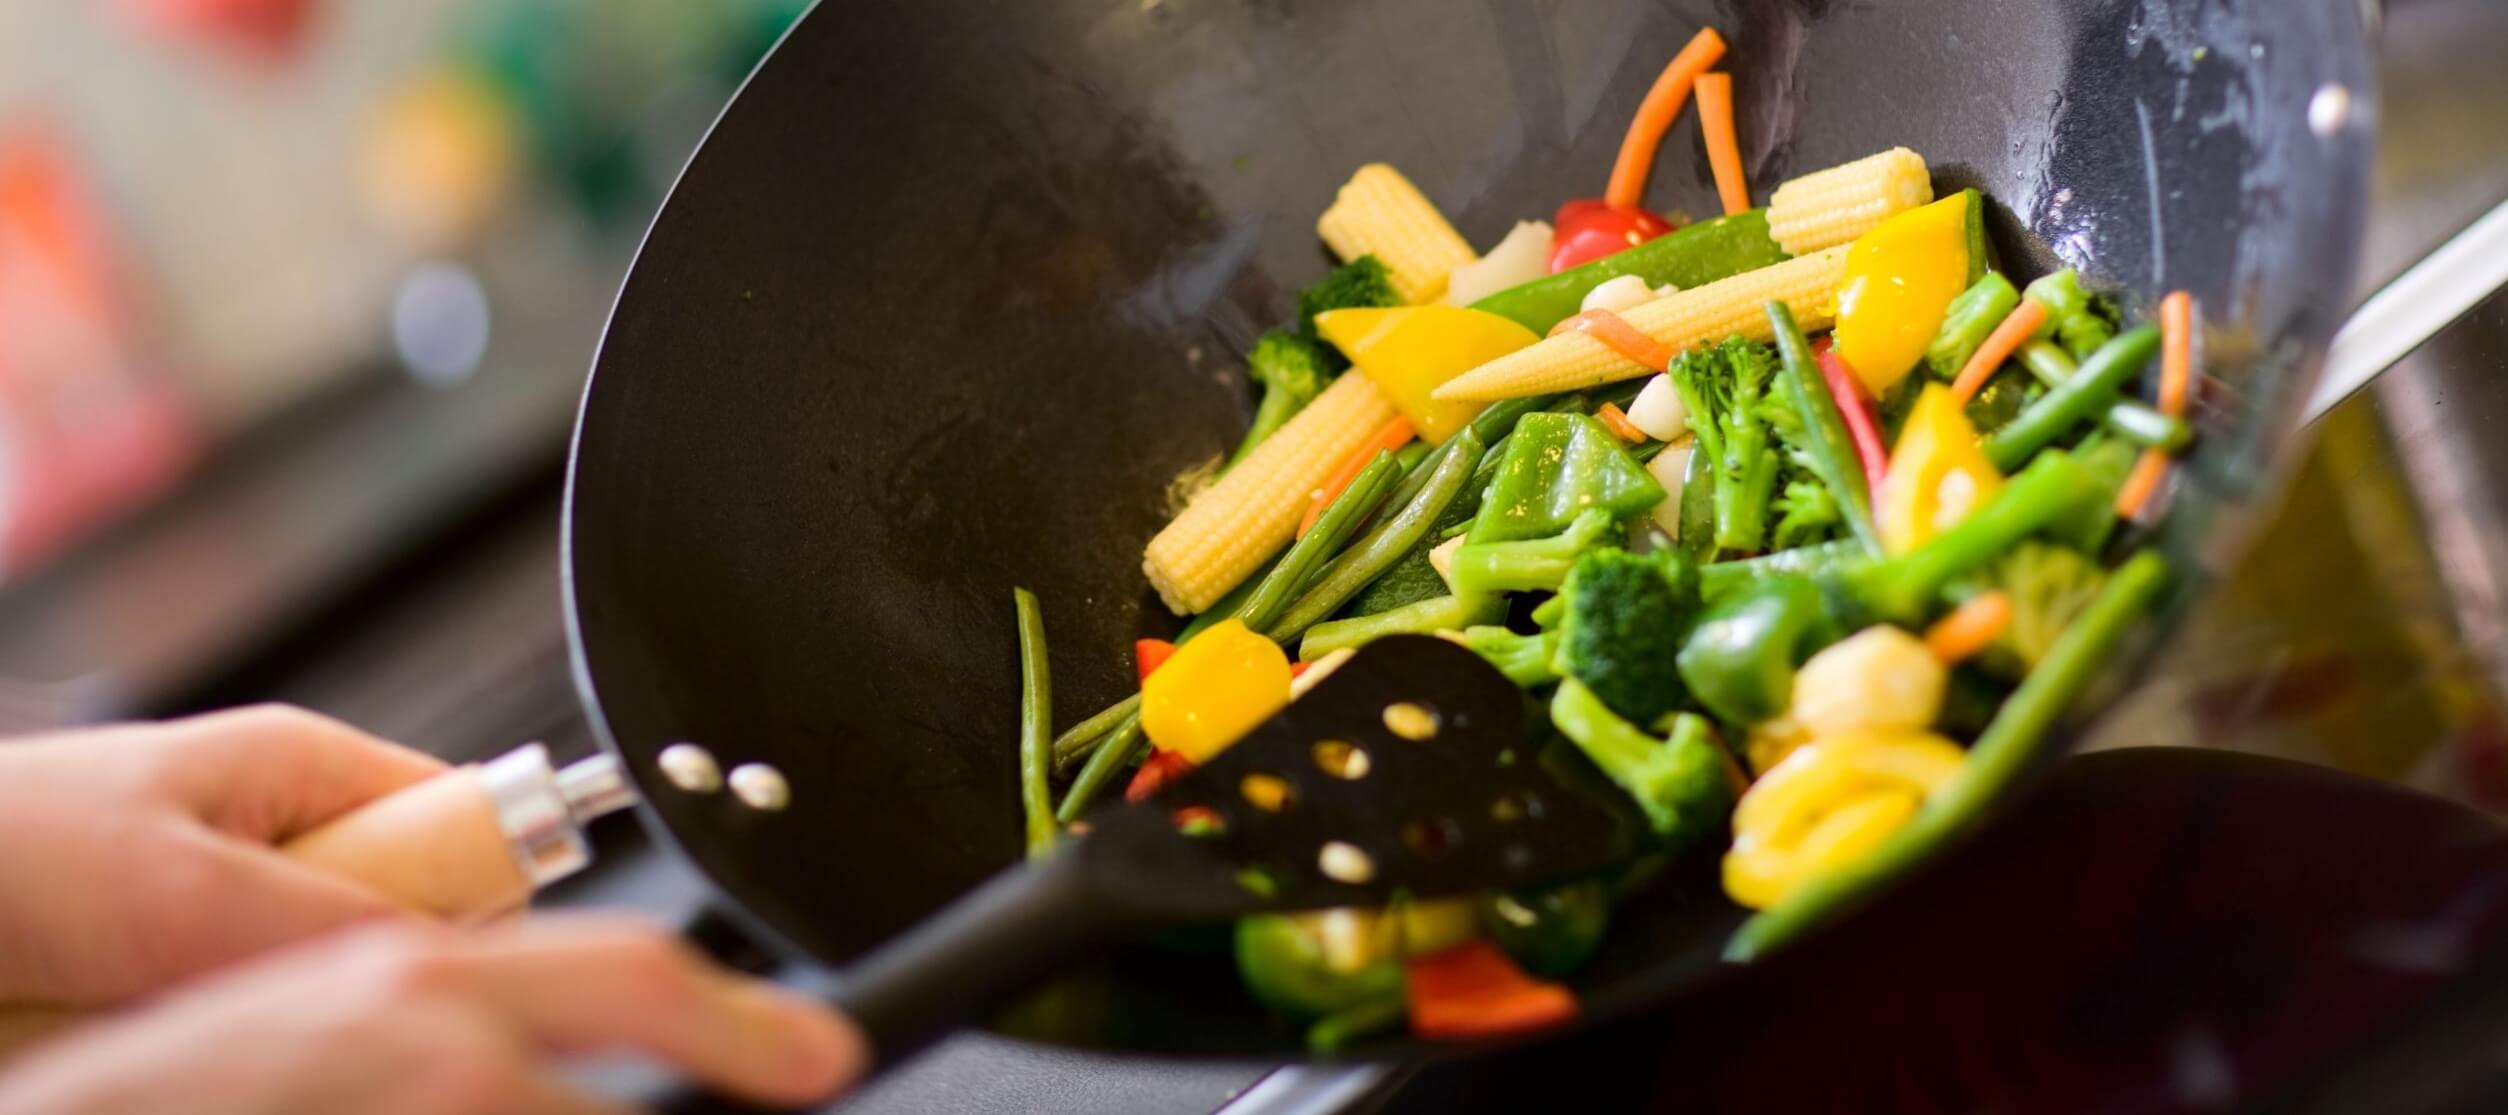 Wok-Cooking